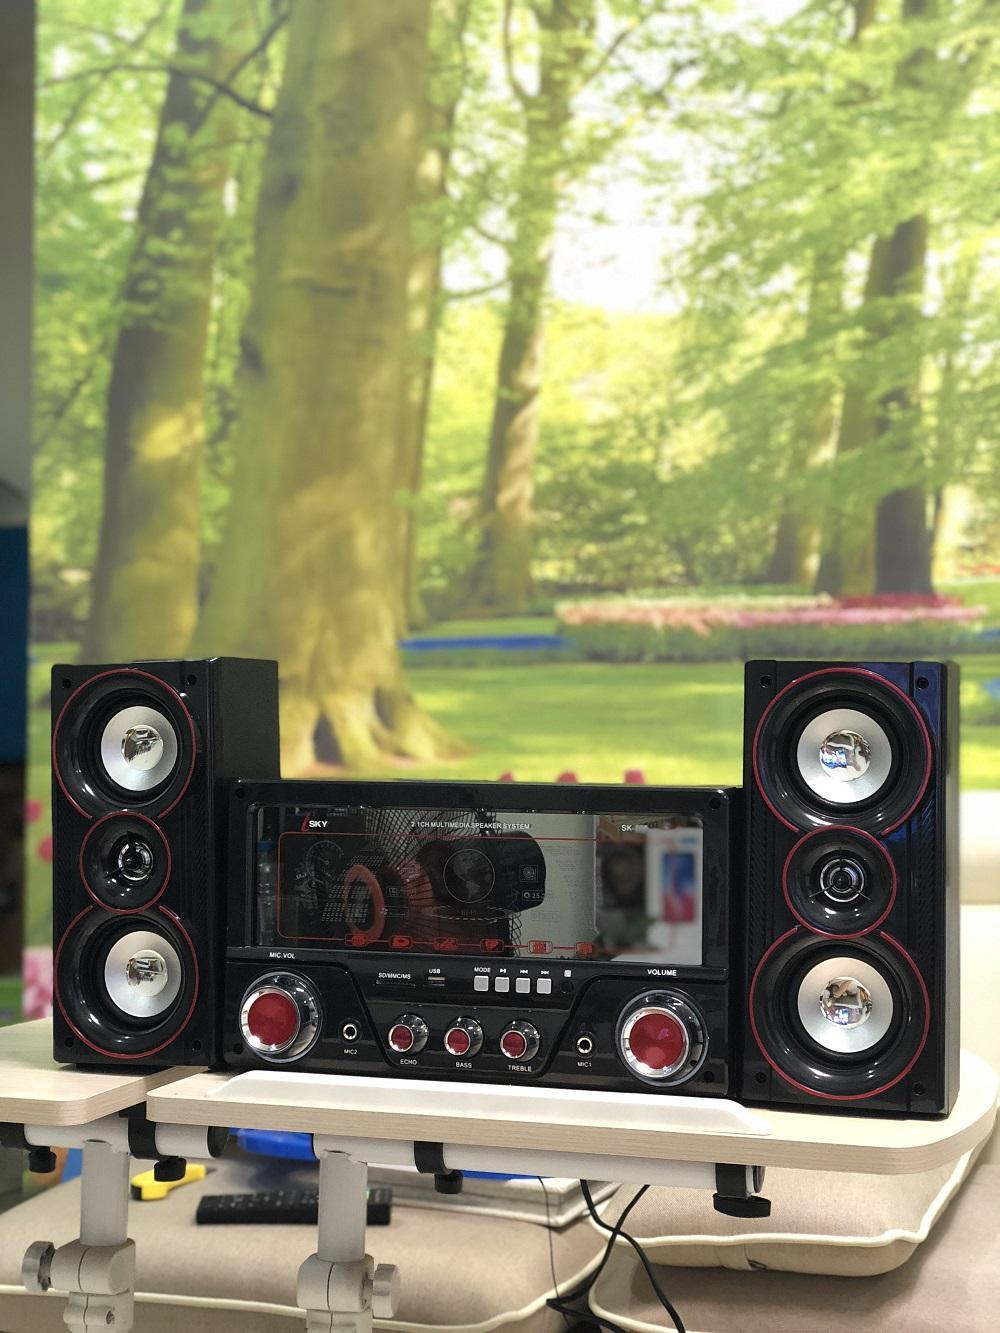 Hình ảnh Dàn âm thanh tại nhà - loa vi tính hát karaoke có kết nối Bluetooth USB Isky - SK335U 2.1